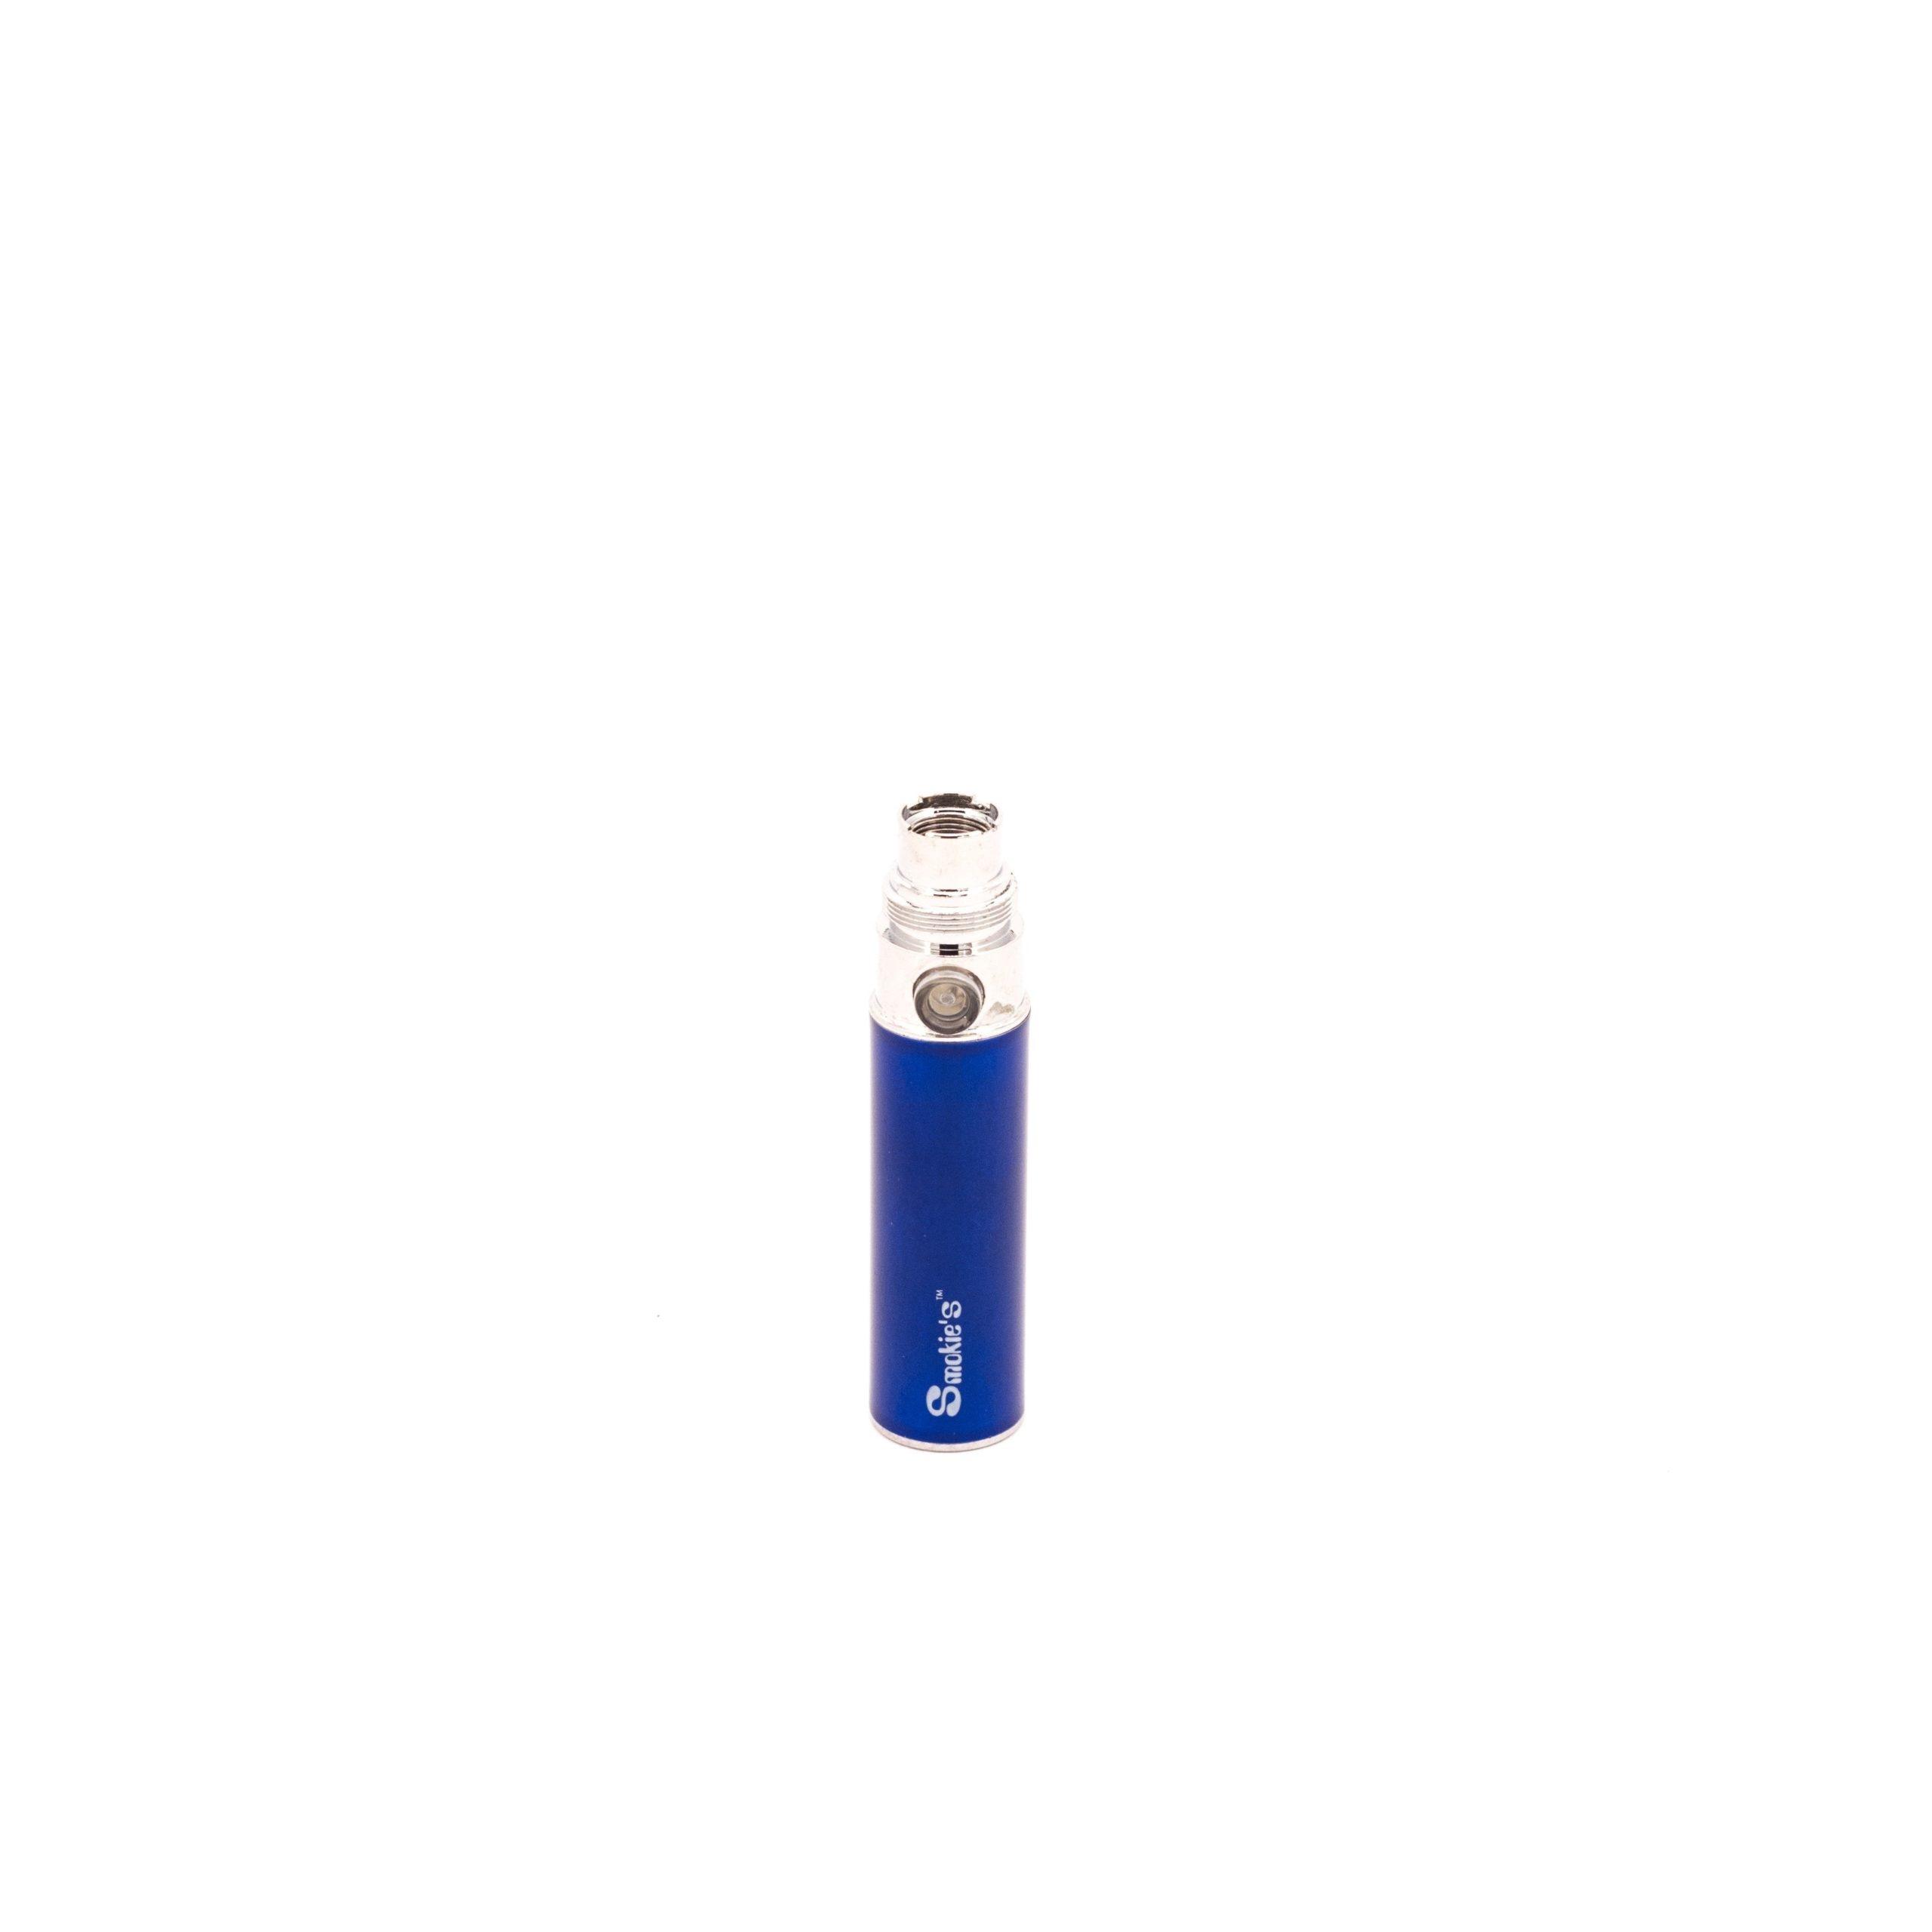 eGo 400mAh batterij met eGo en 510 aansluiting. Dze batterijen zijn beveiligd tegen kortsluiting en ontlading en gaan aan en uit doormiddel van 5 keer te klikken.